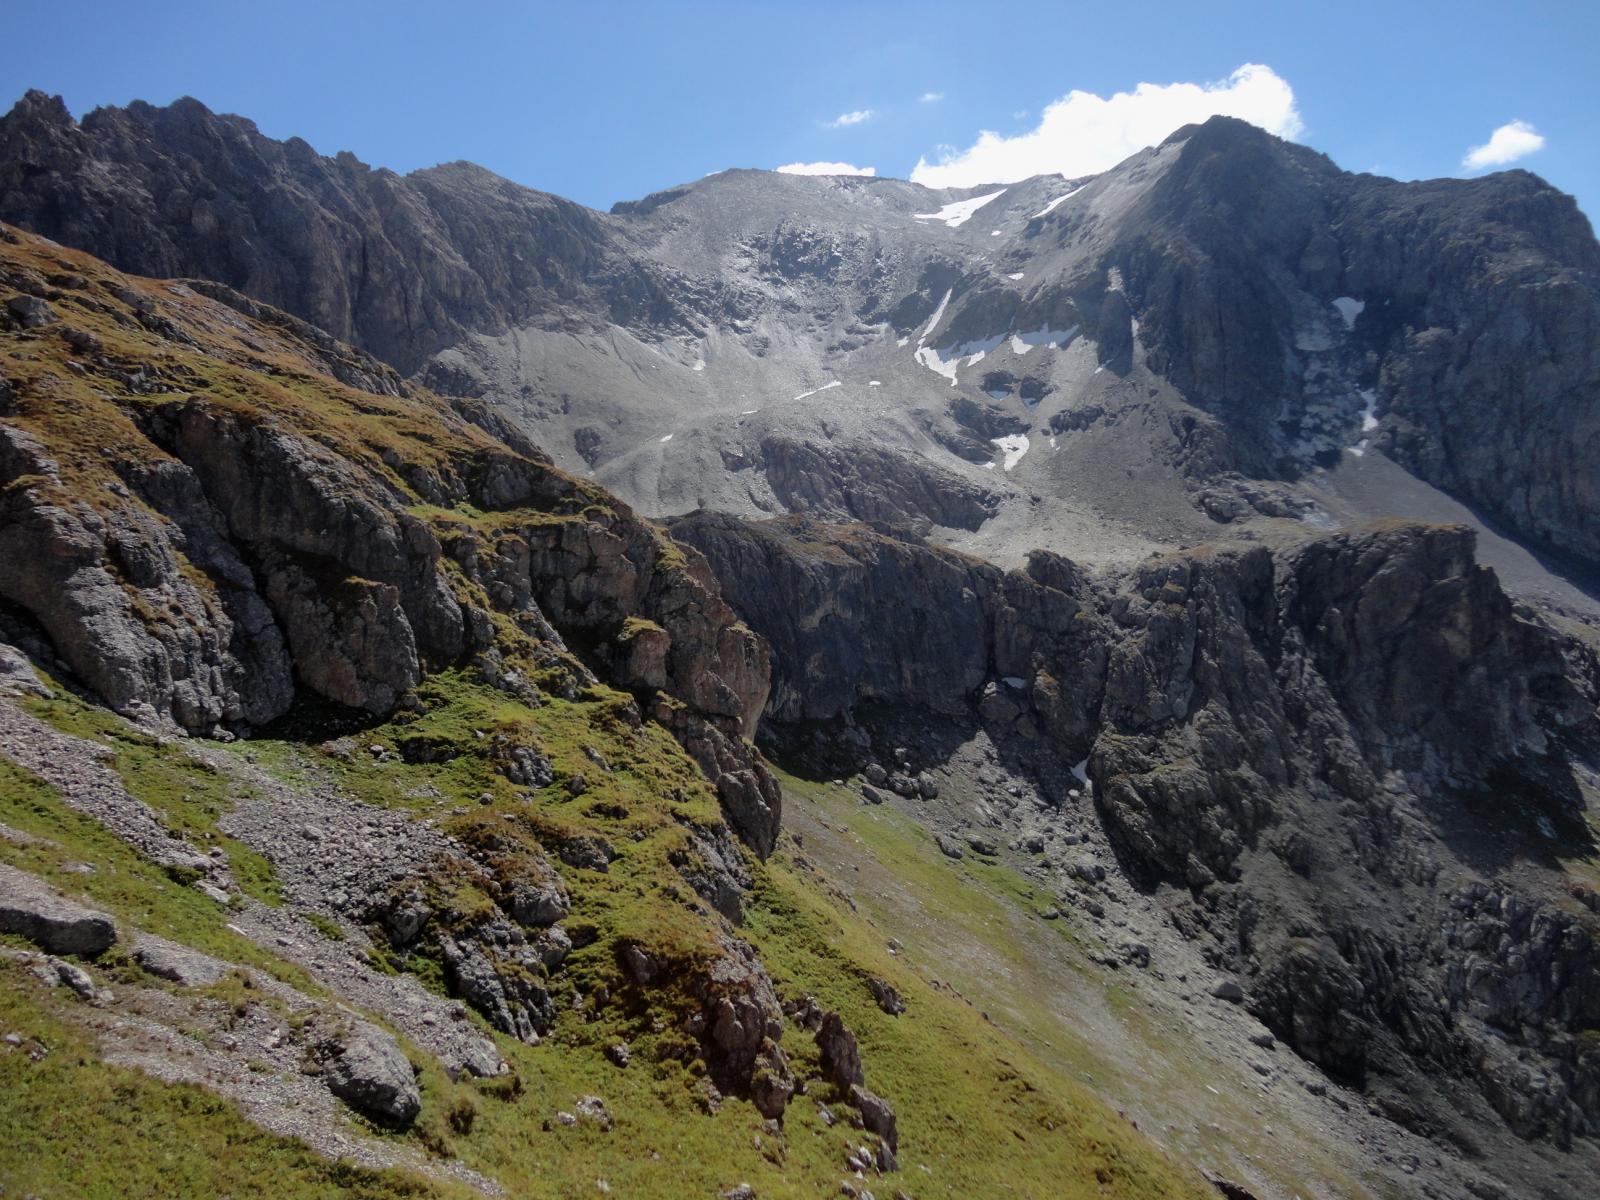 il traverso sopra il Lac des Cerces ed il pendio finale